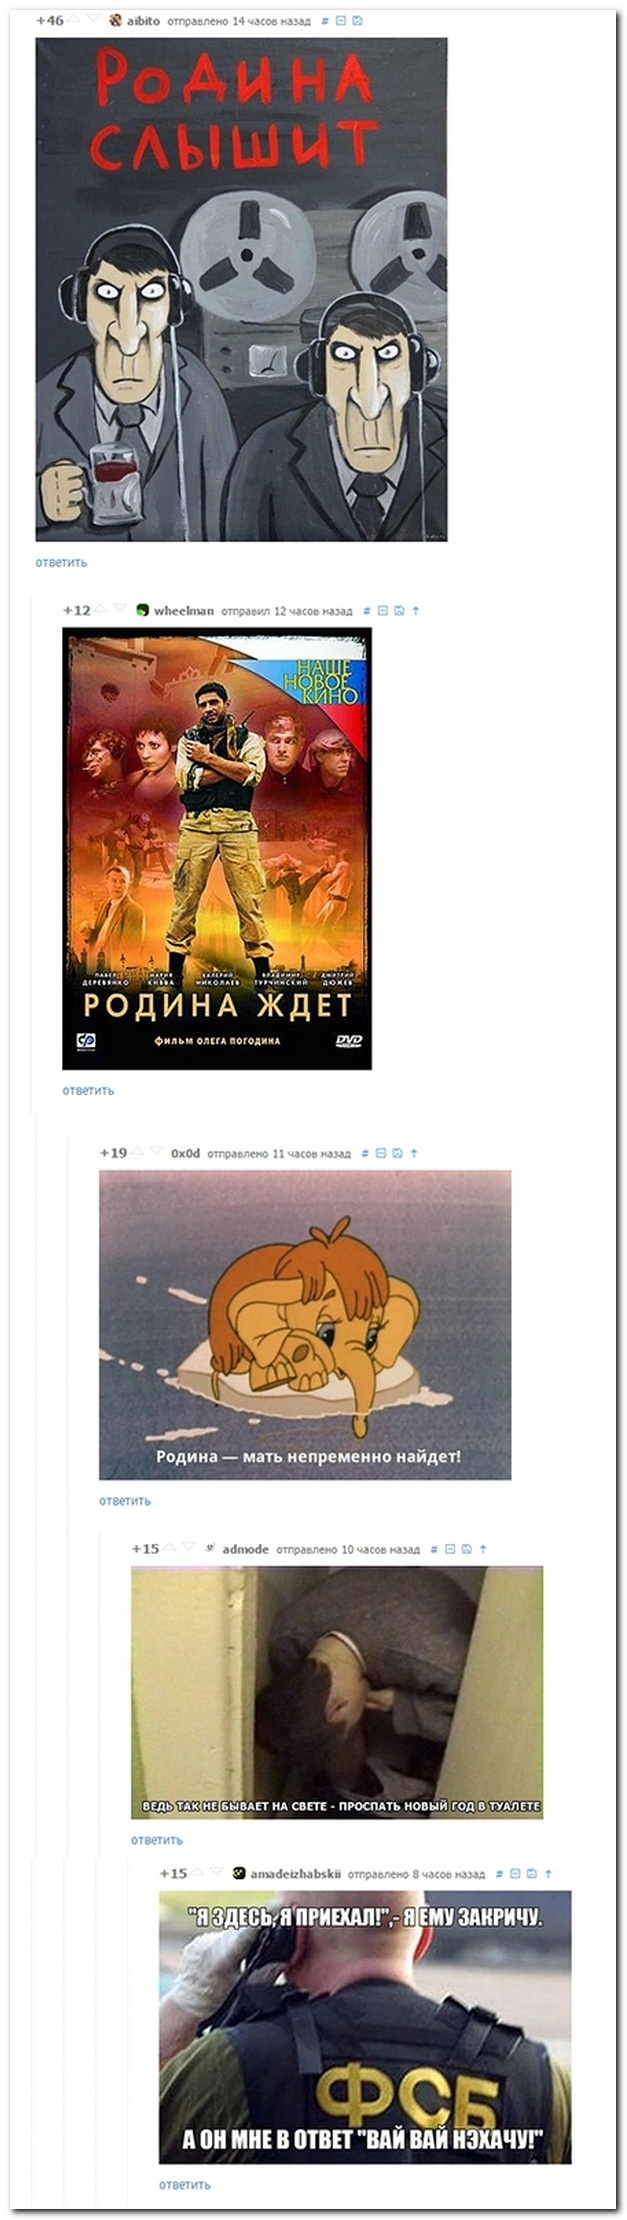 Смешные комментарии из социальных сетей от 08.01.2015 (17 фото)